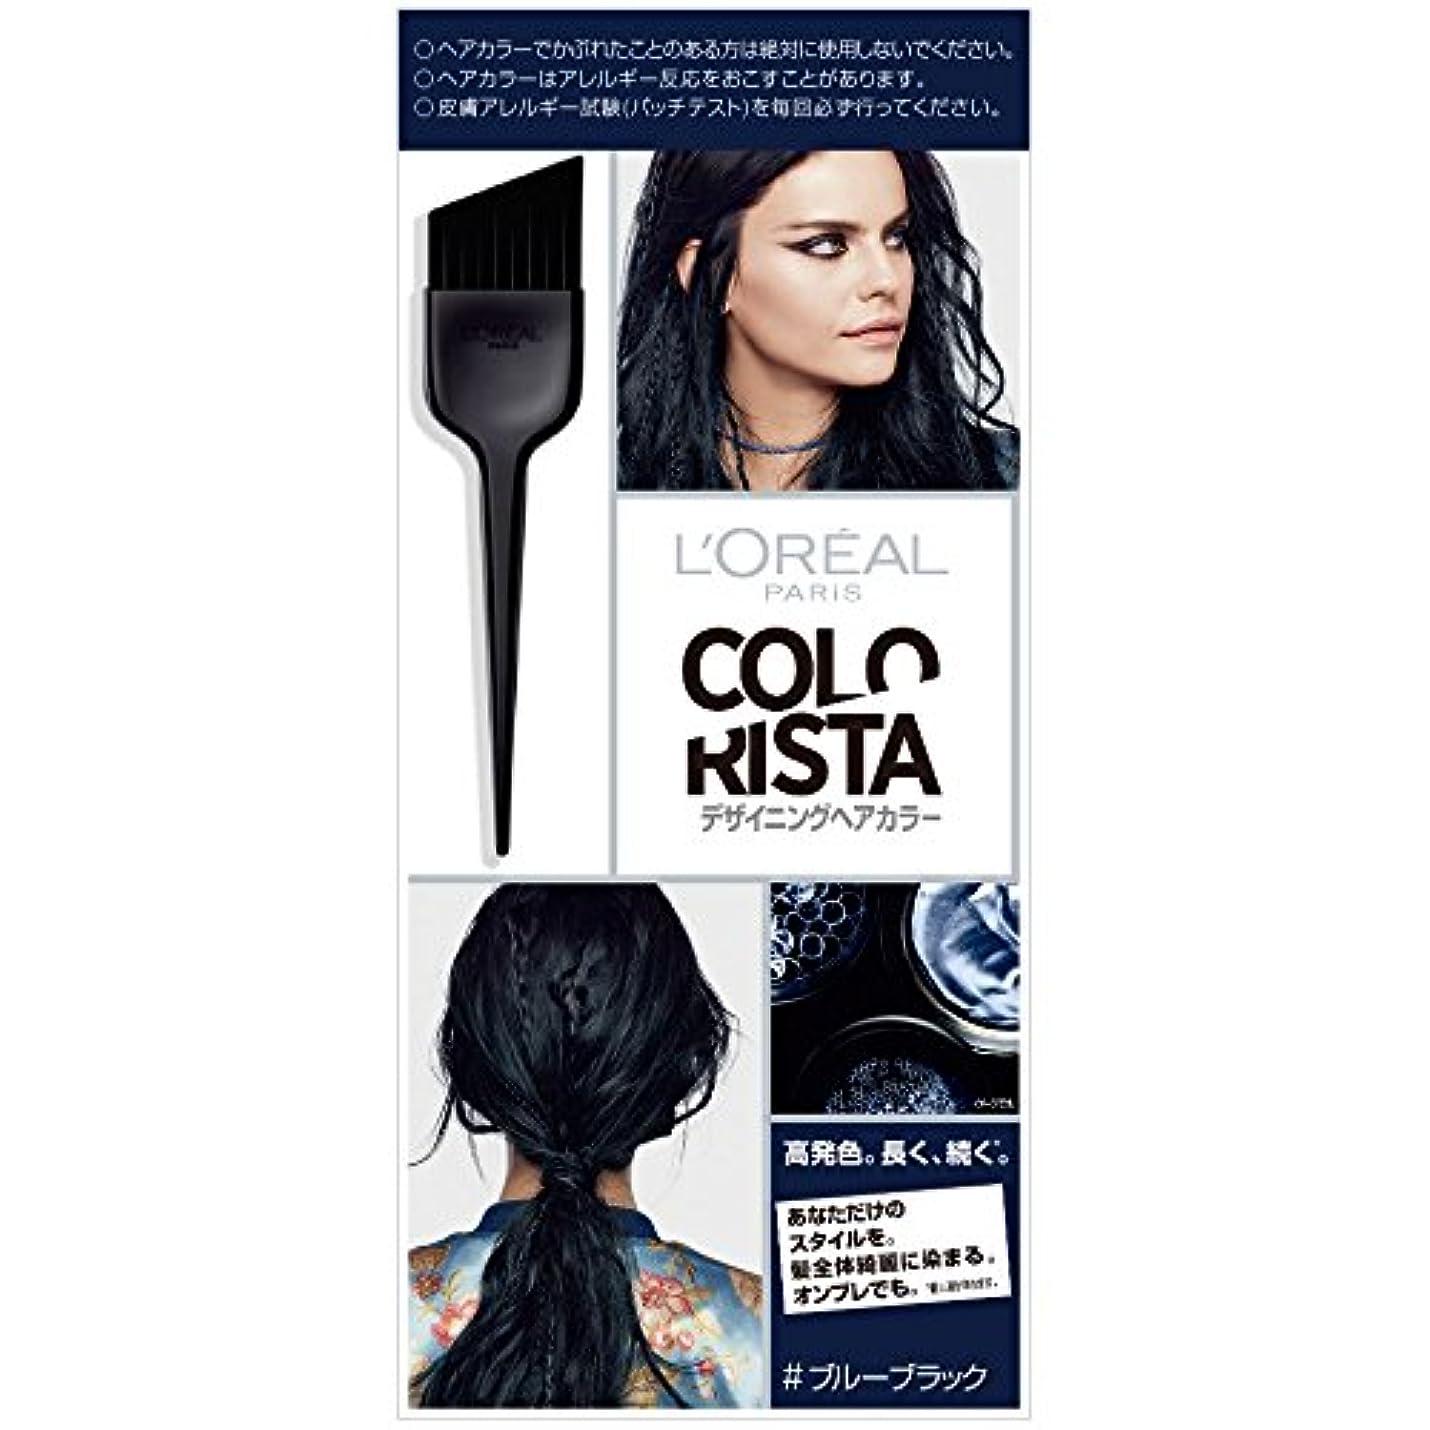 どちらも休憩フィードロレアル パリ カラーリスタ デザイニングヘアカラー ブルーブラック